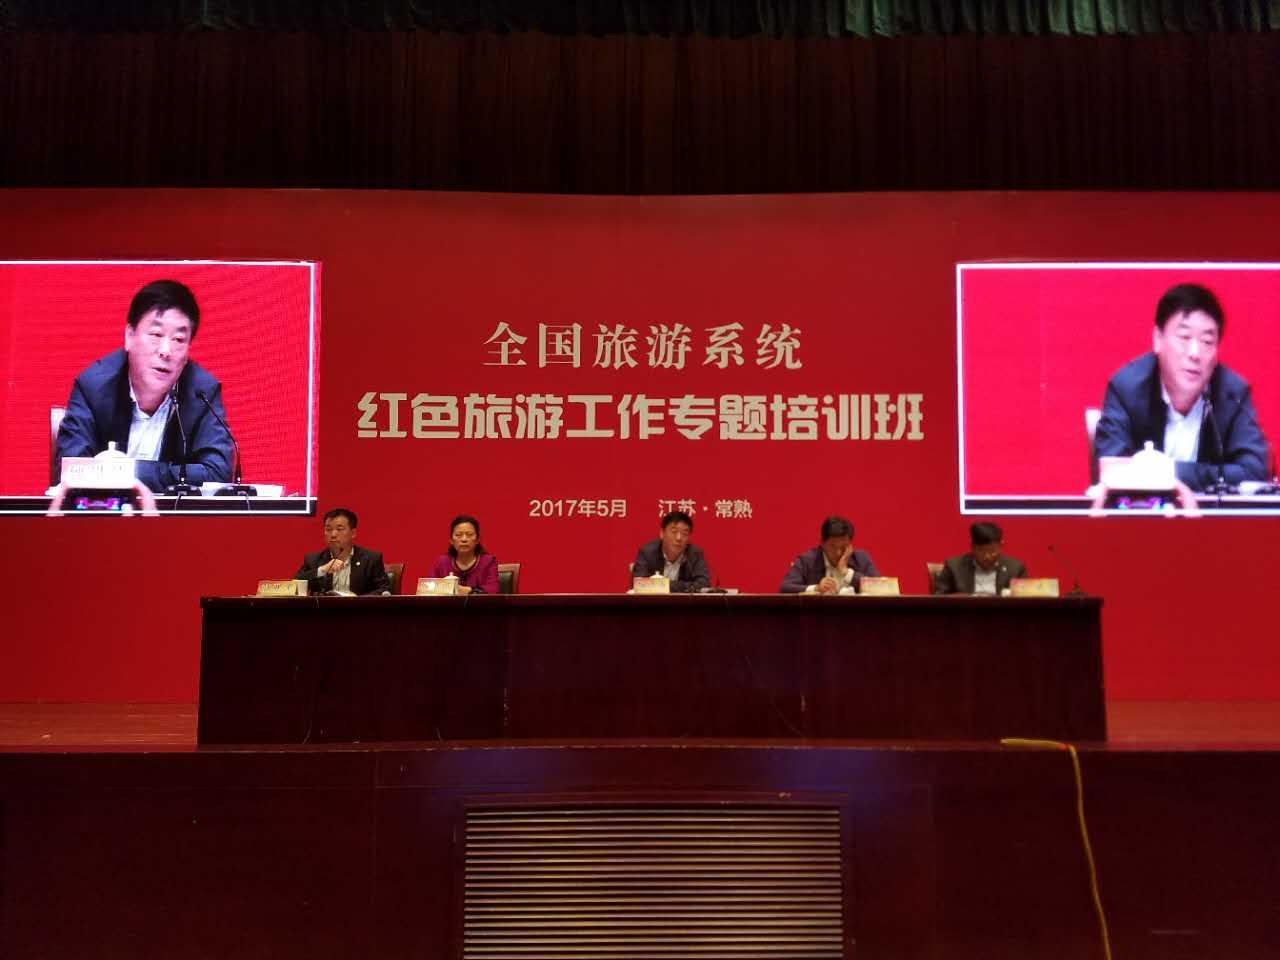 全国红色旅游工作培训班开班 临沂作为唯一地级市作典型发言